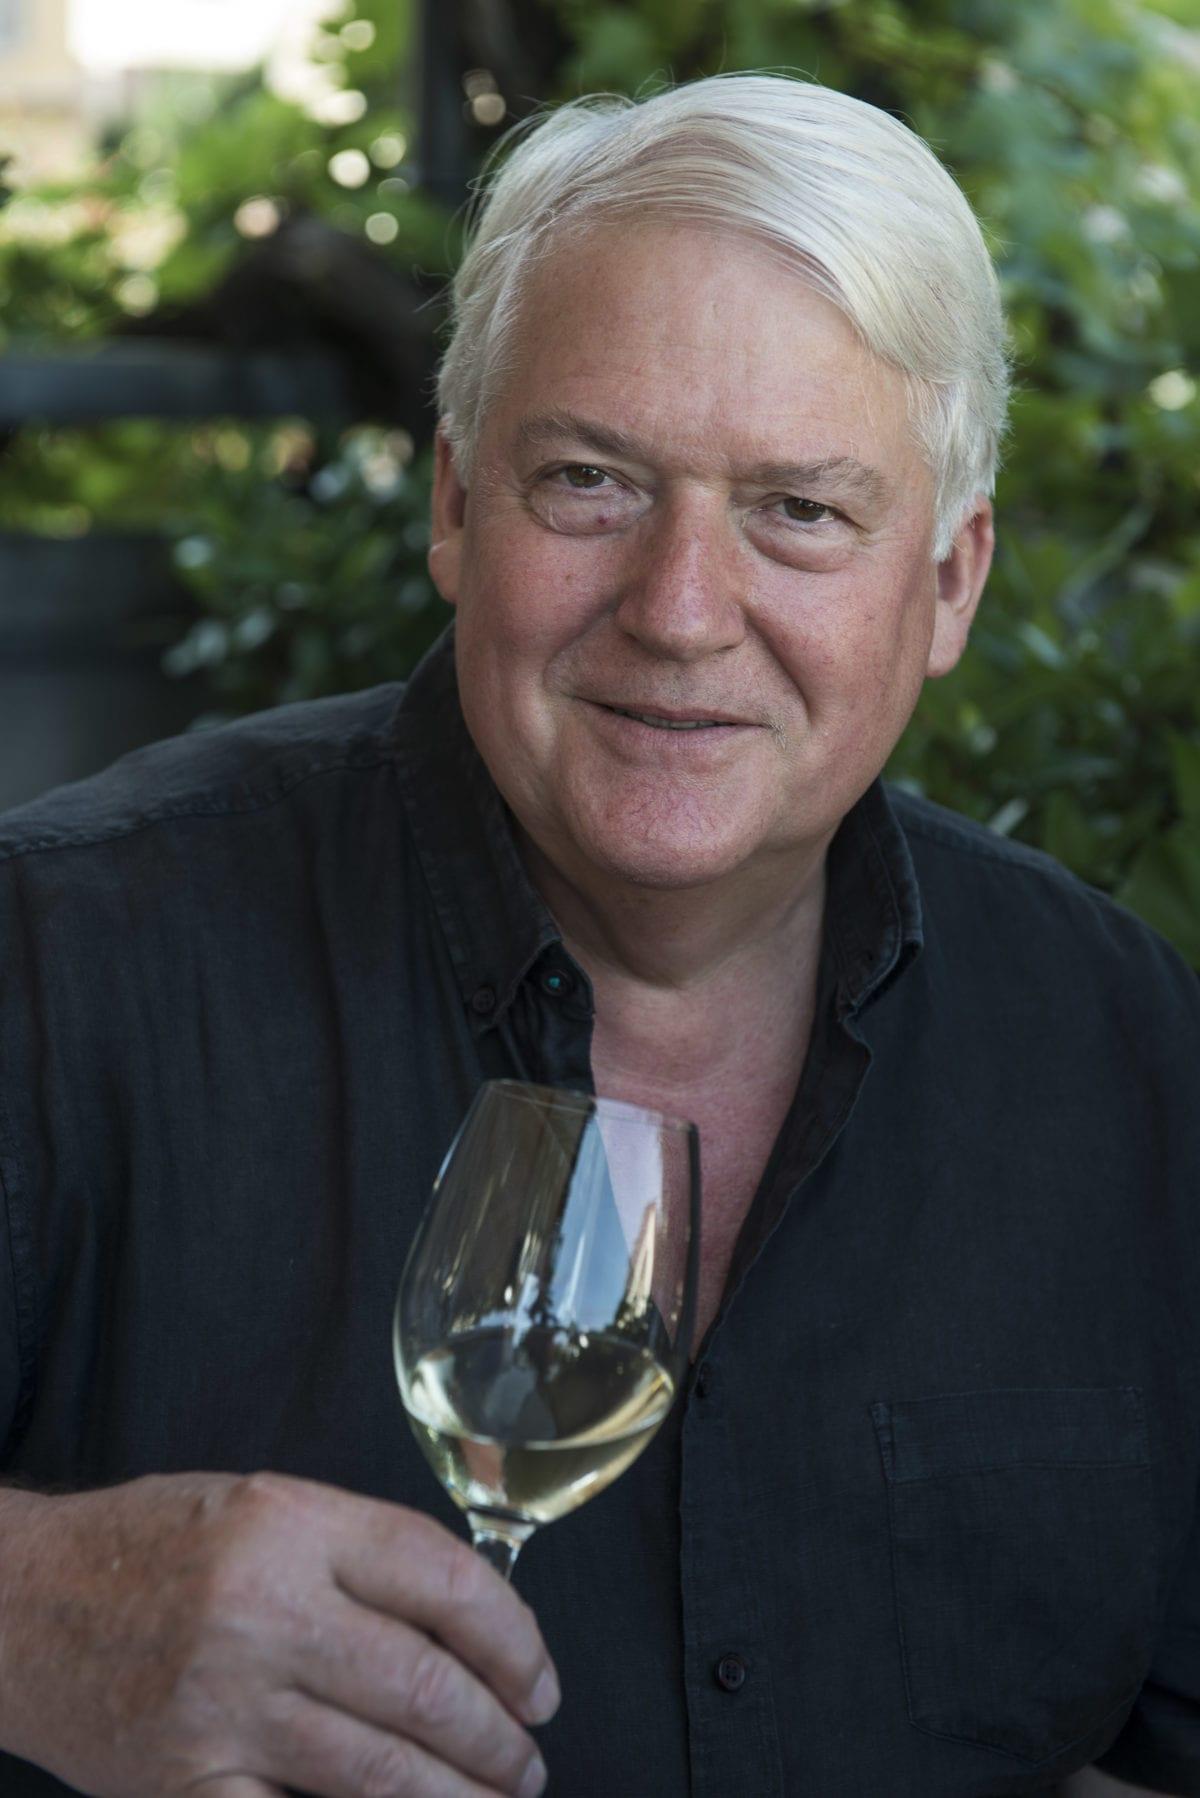 Les vins suisses d'excellence ont leur place à l'international